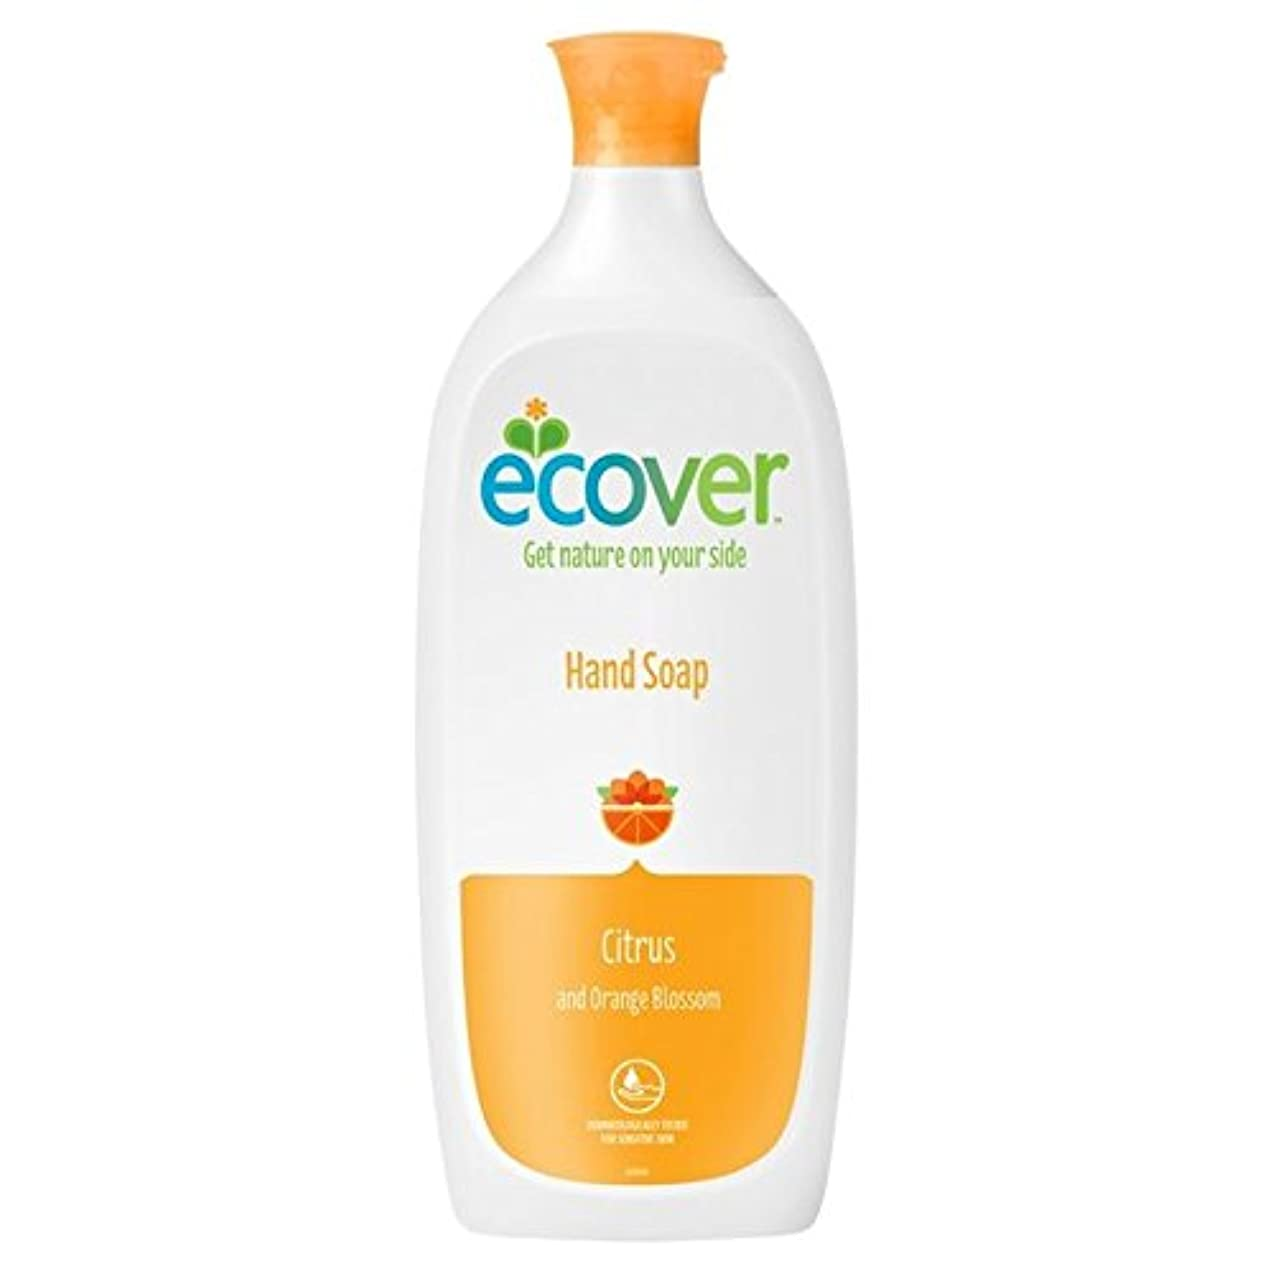 事故アフリカ人口径Ecover Liquid Soap Citrus & Orange Blossom Refill 1L (Pack of 6) - エコベール液体石鹸シトラス&オレンジの花のリフィル1リットル x6 [並行輸入品]